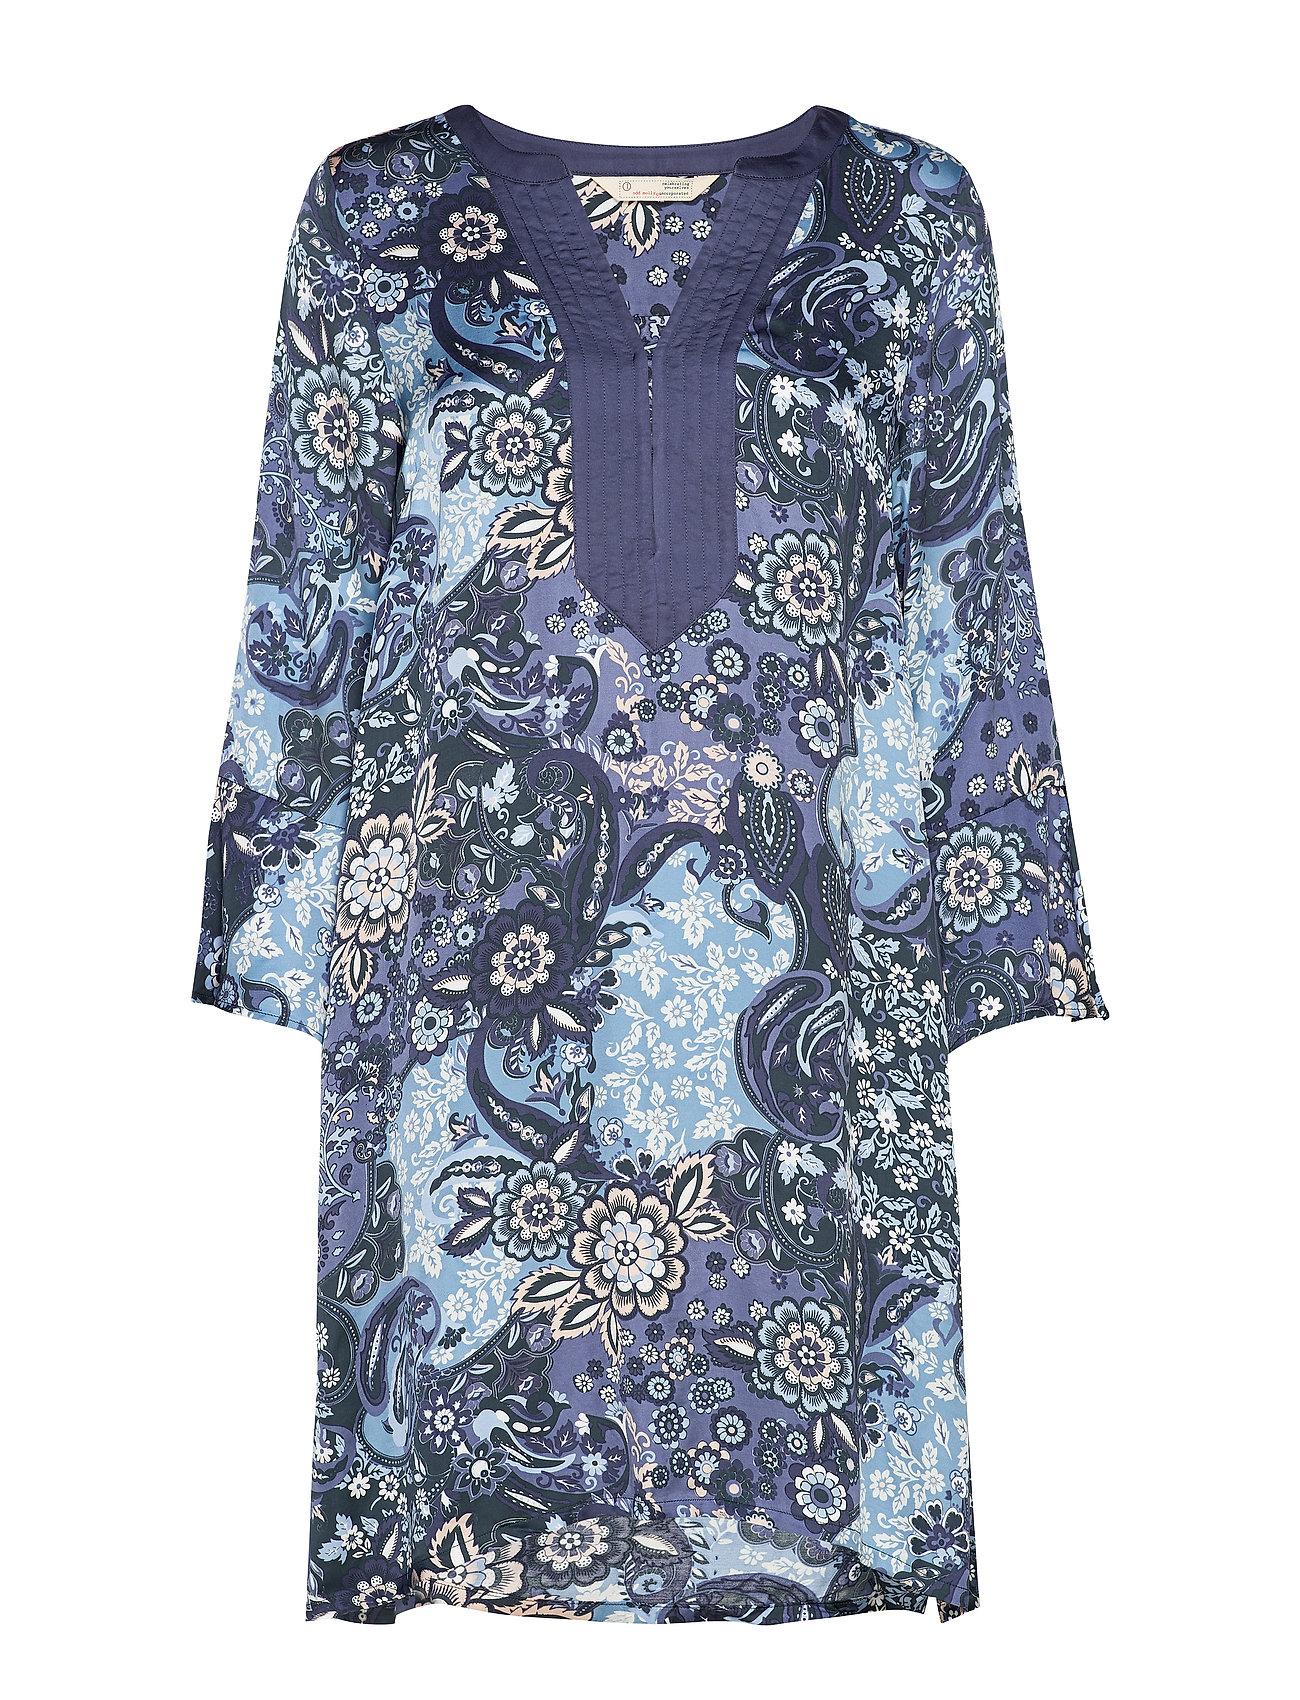 ODD MOLLY Belladonna Short Dress - DARK BLUE